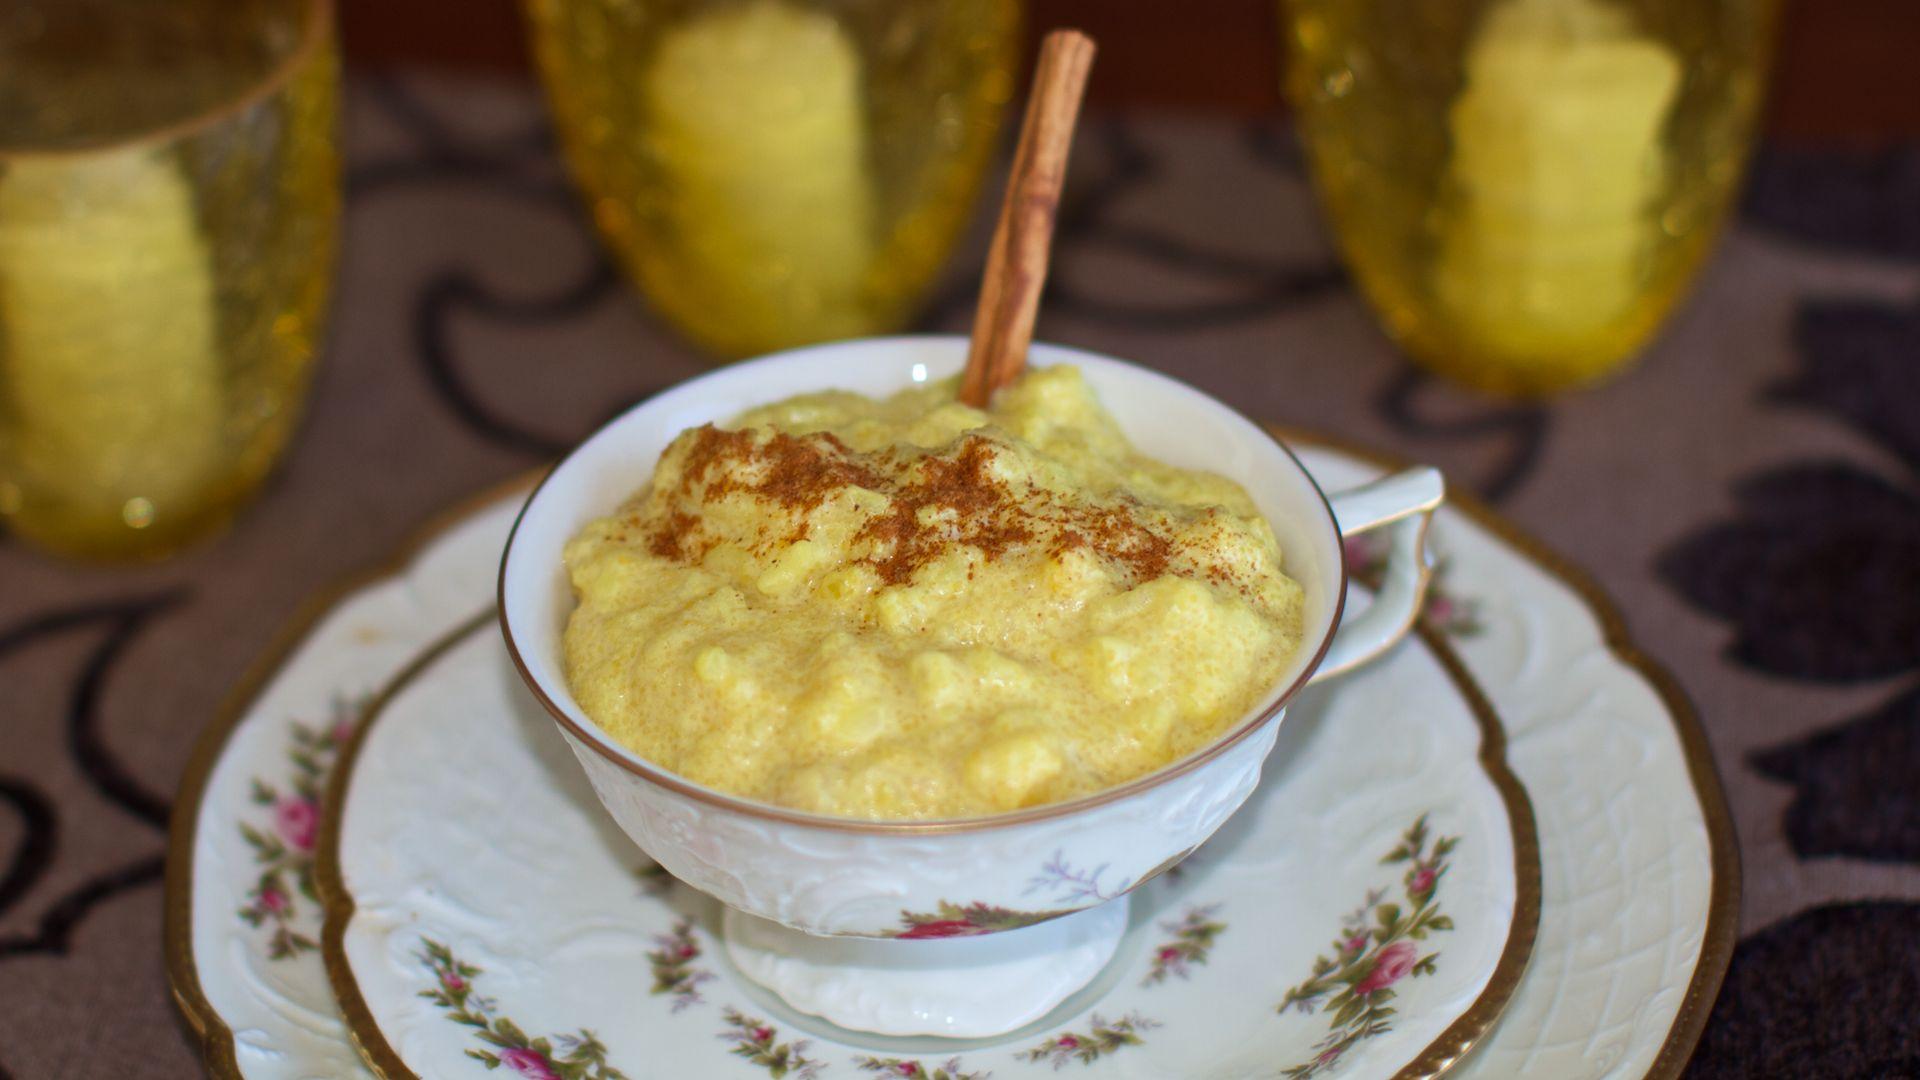 Banana Polenta Porridge